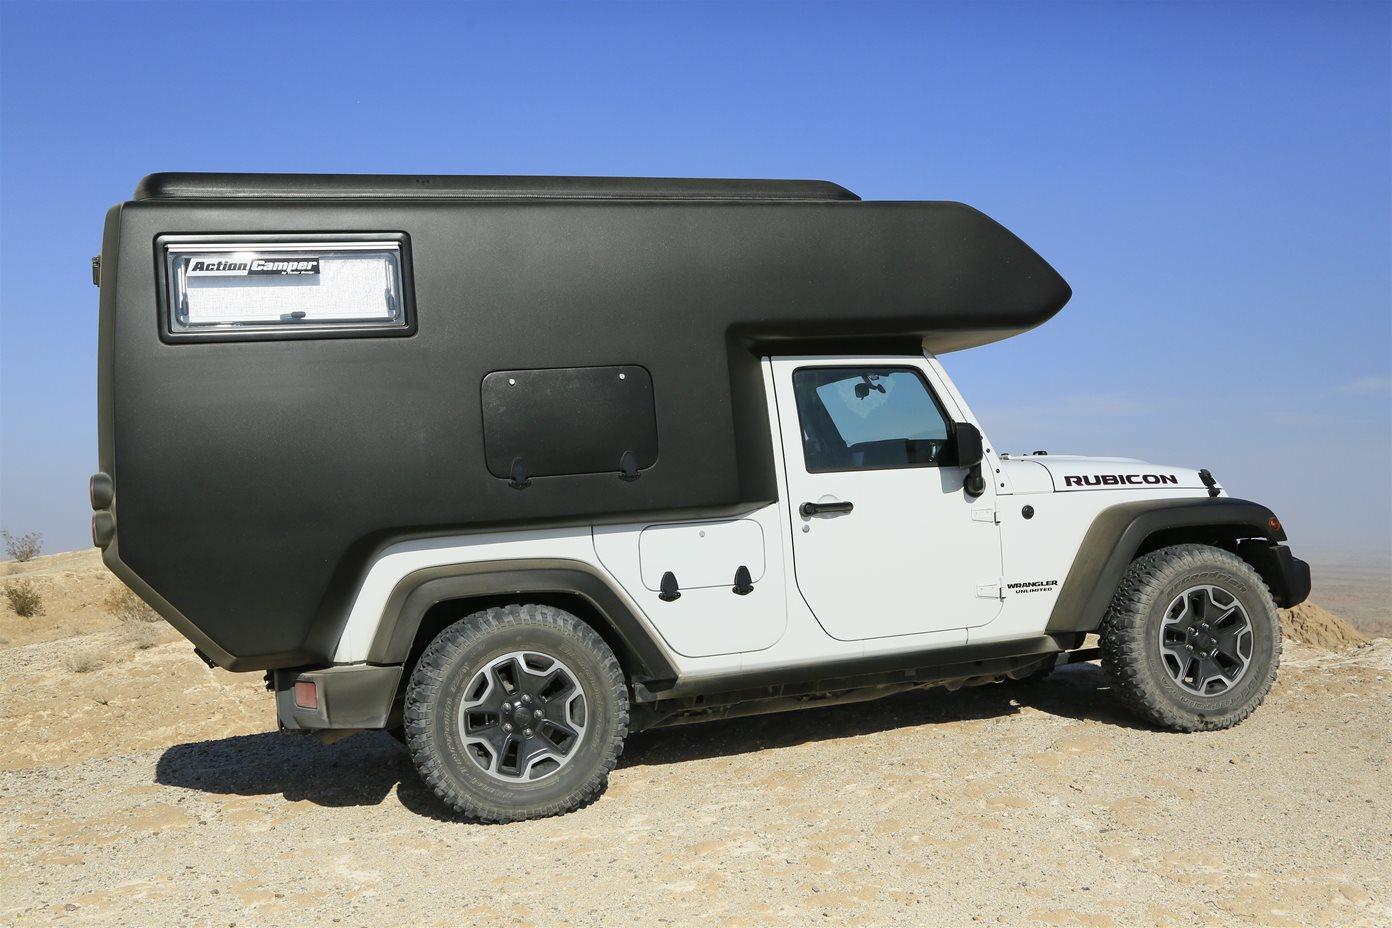 Jk Wrangler Actioncamper X2 Overlanding Pop Up Camper For Two By Actioncamper Inc